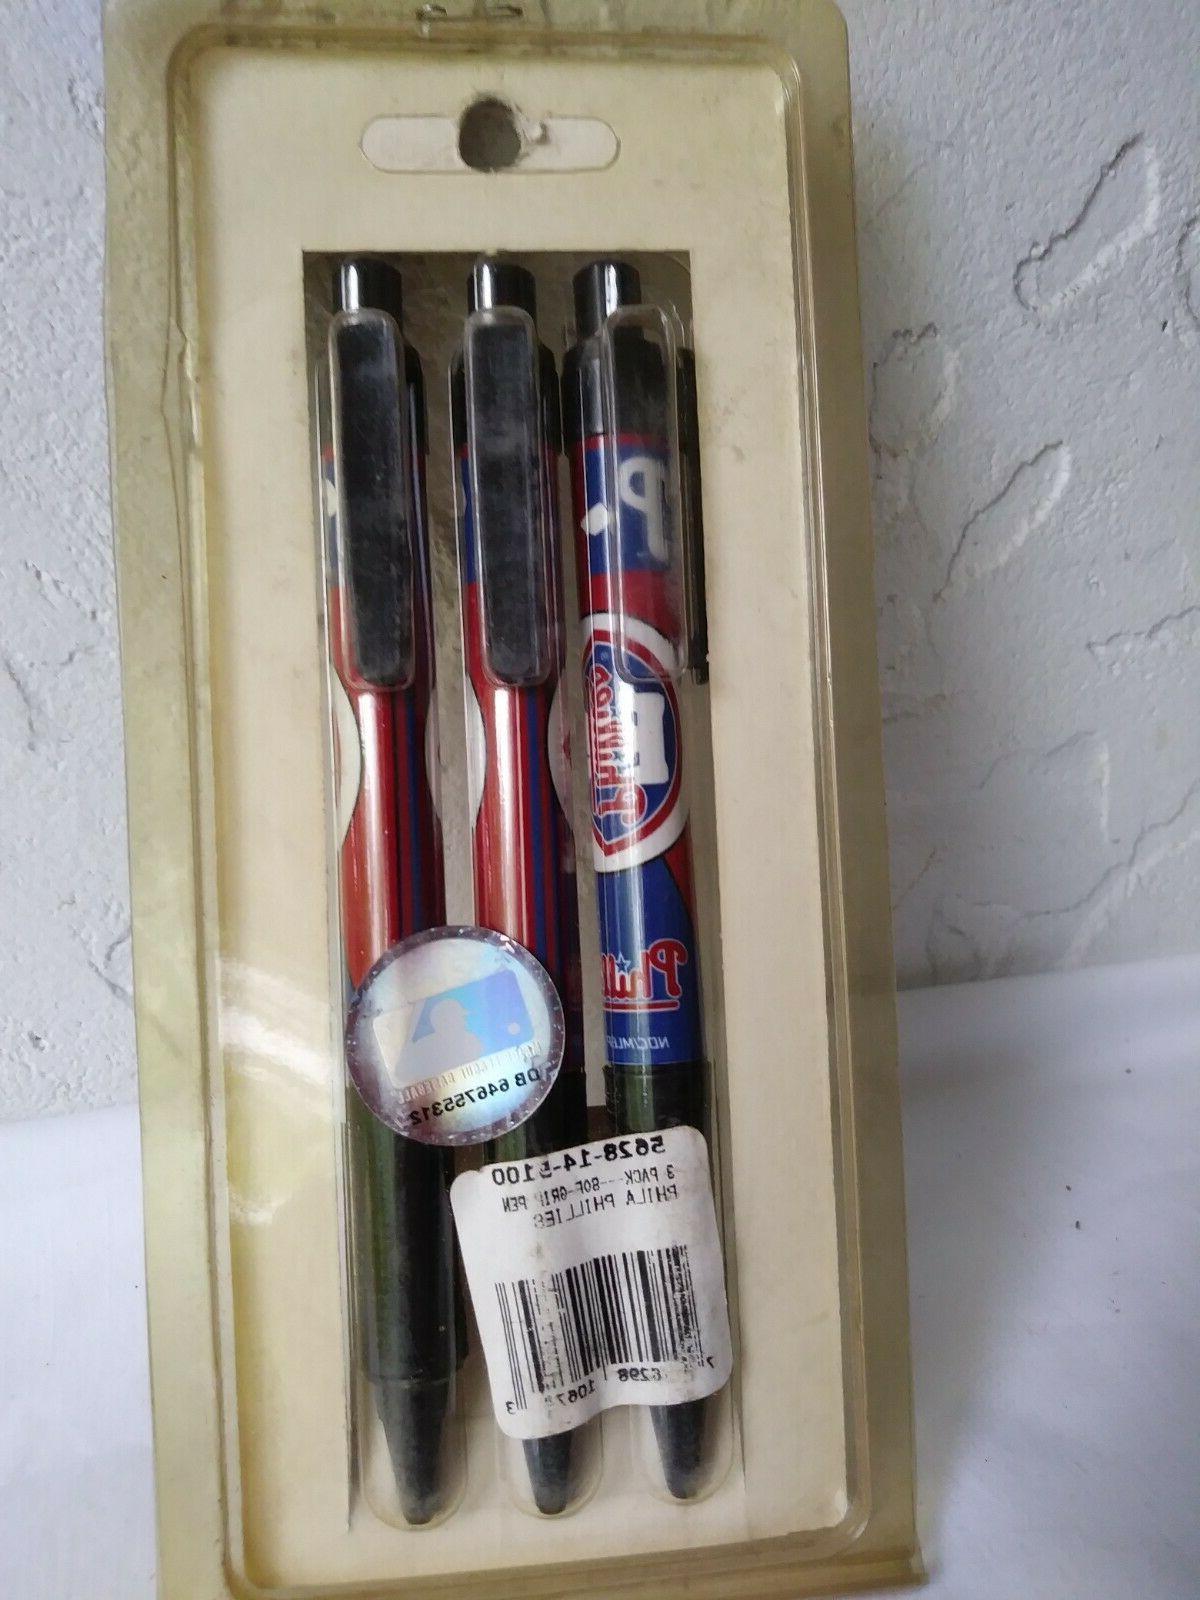 Philadelphia Ink Merchandise, NEW Condition.